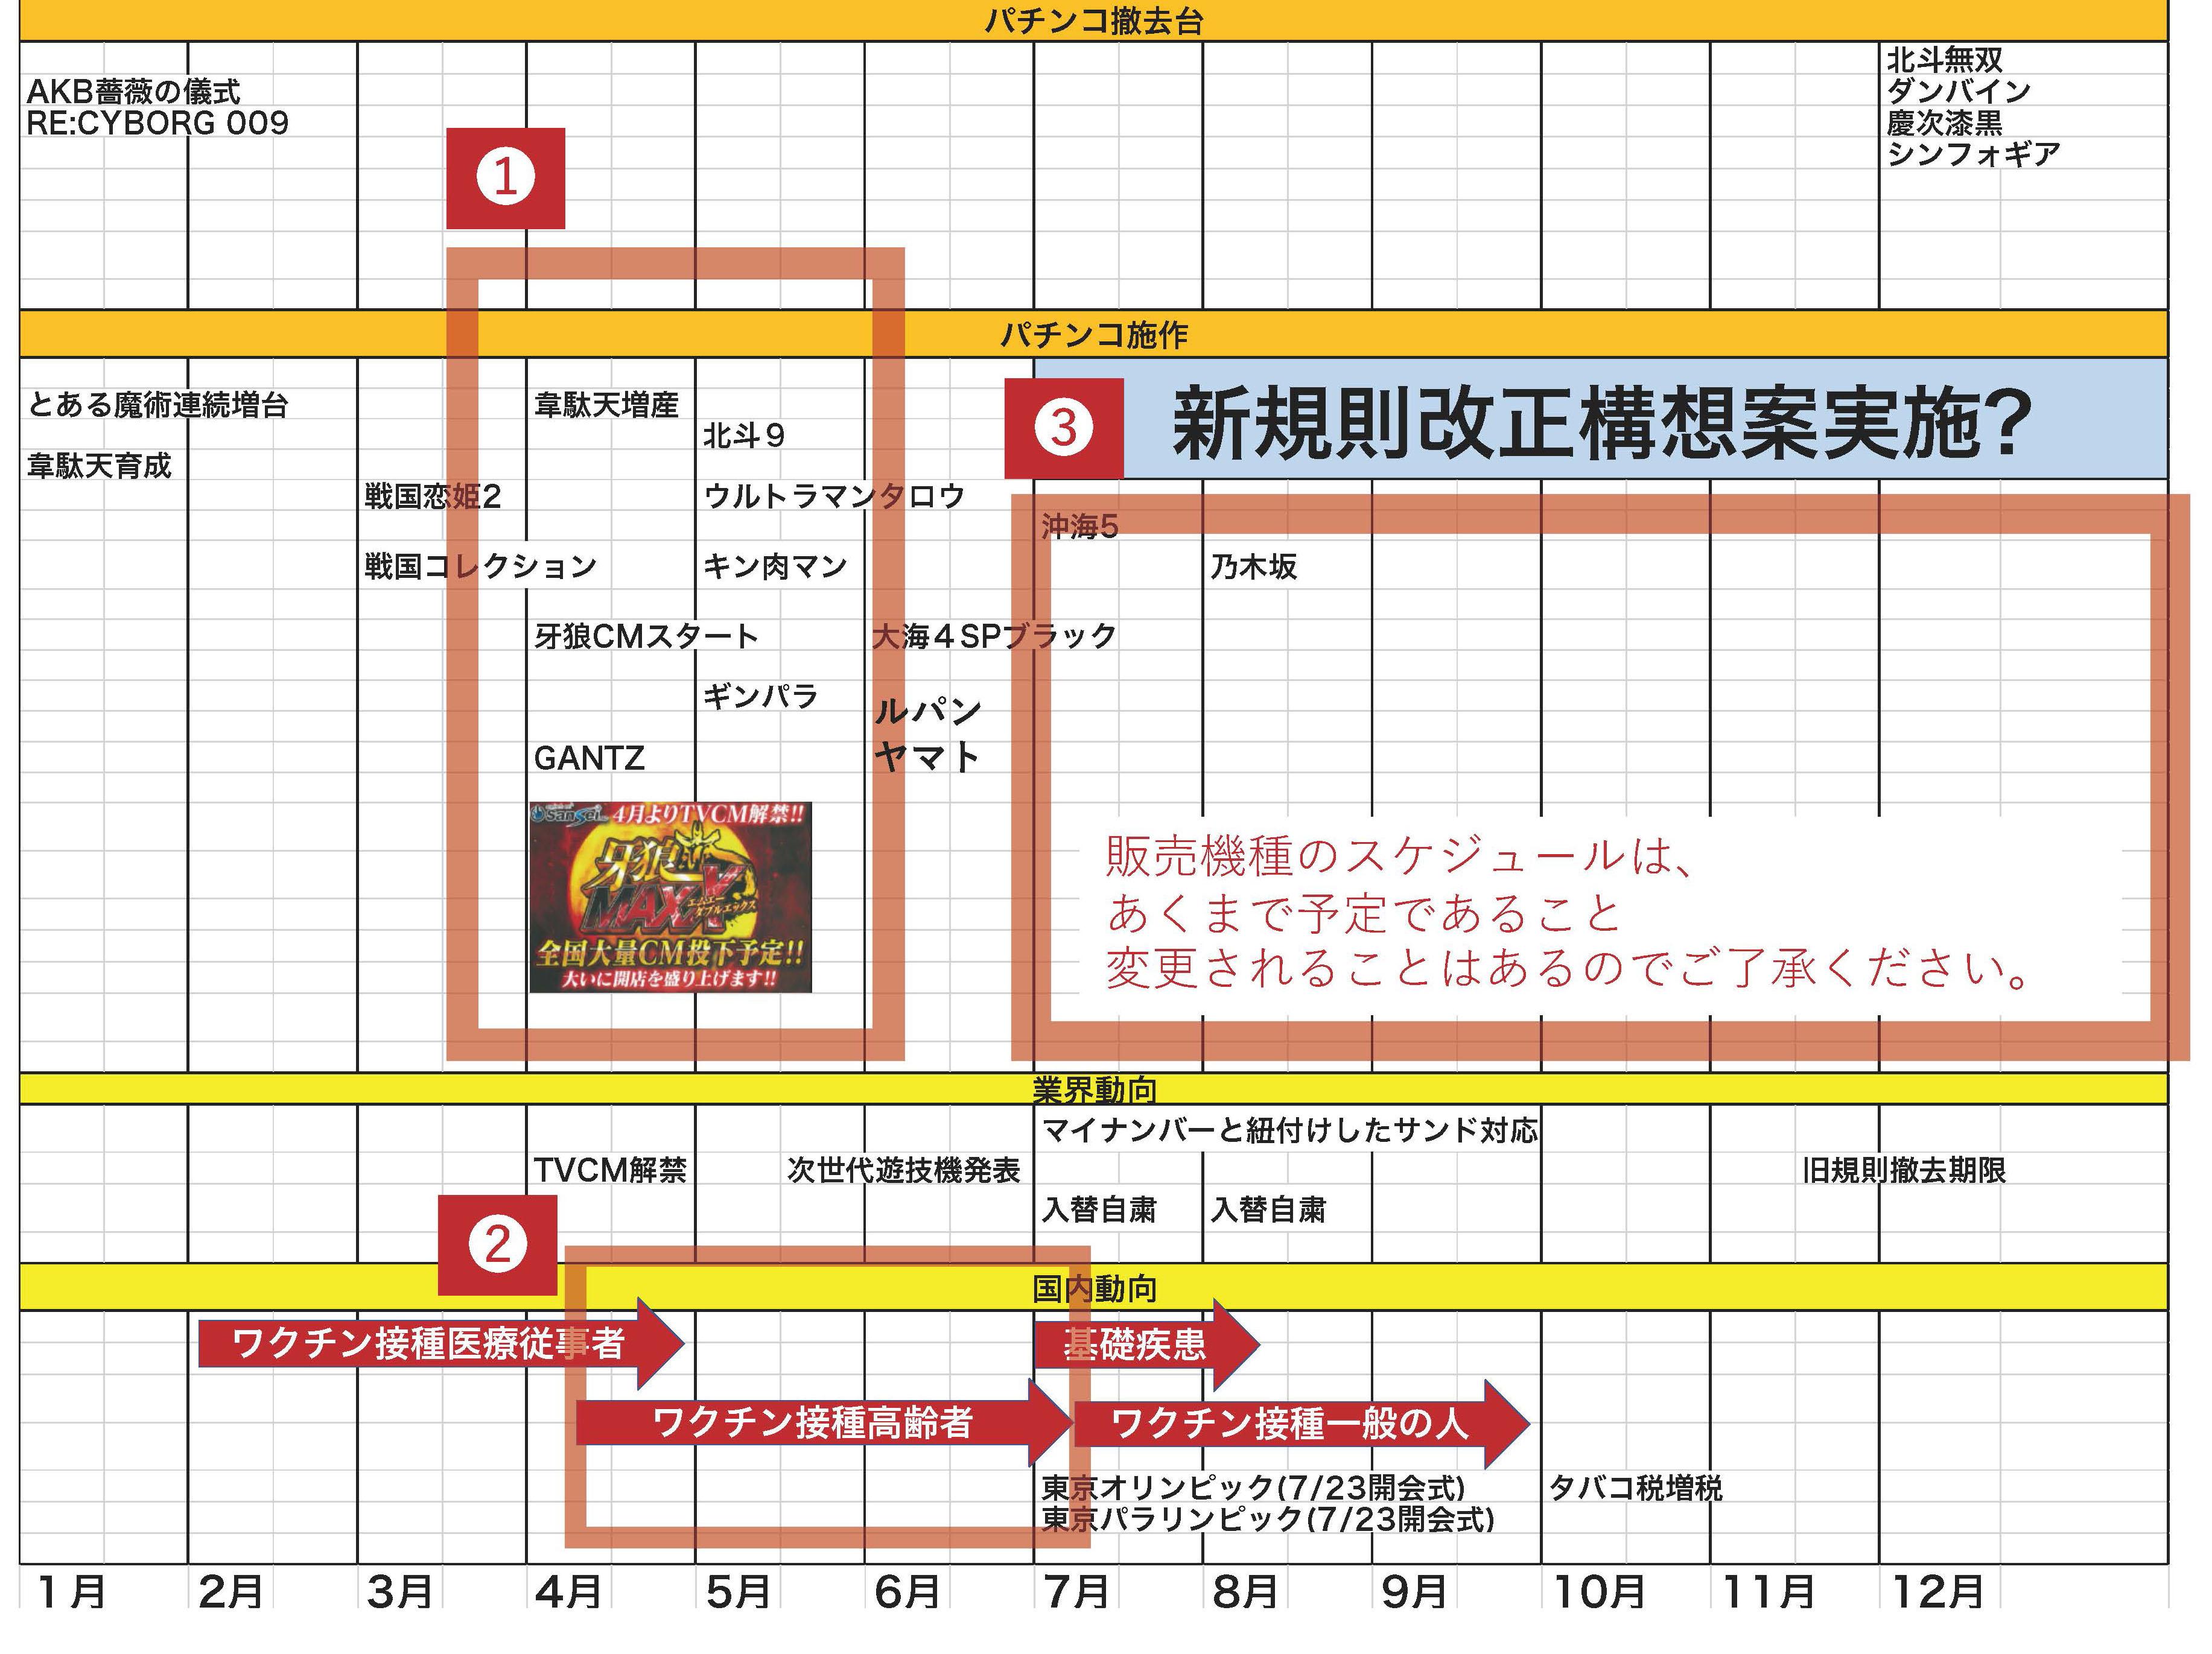 20210327中嶋塾ダイジェスト_ページ_02